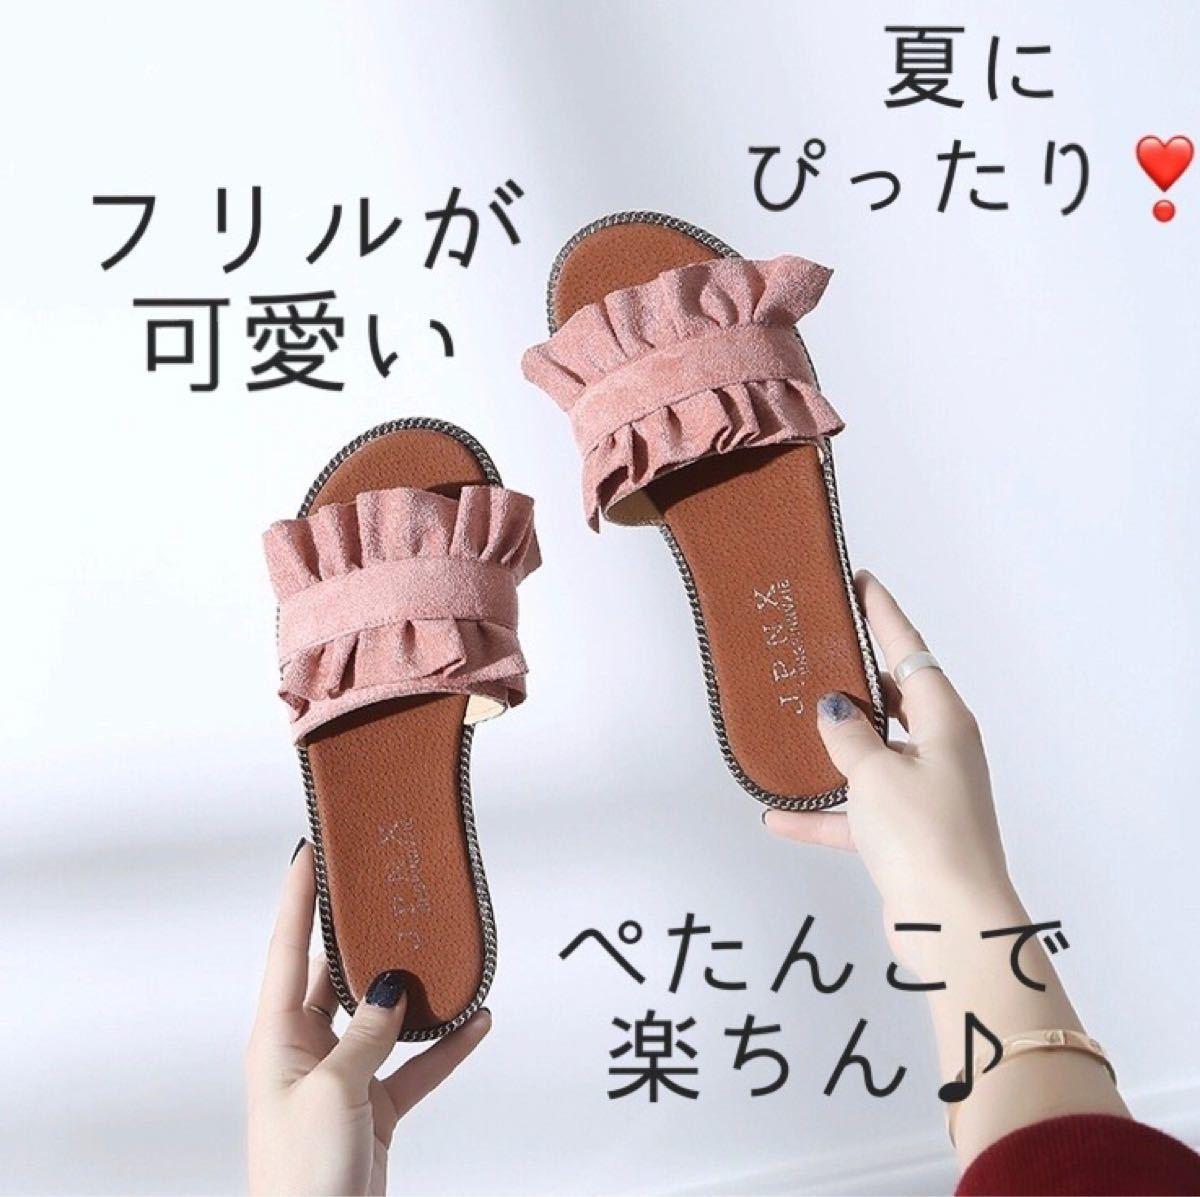 サンダル ピンク フリル 24.5 上品 シンプル ぺたんこ ラクチン 綺麗